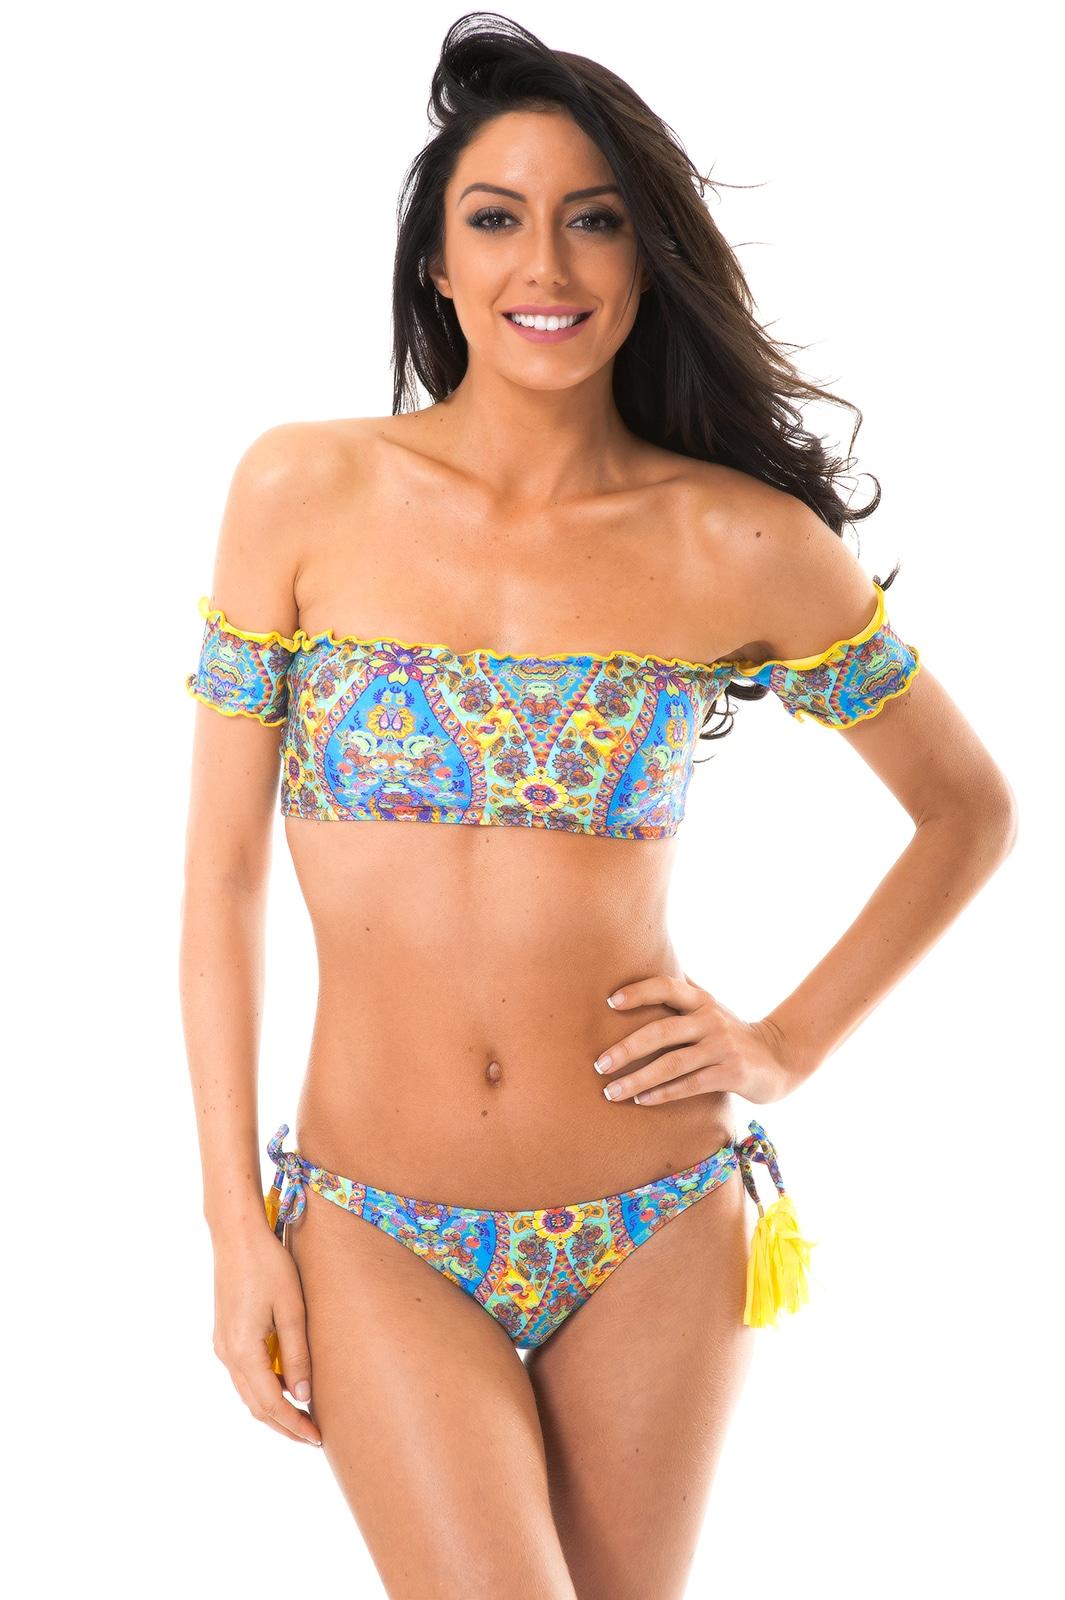 1b36c706d64514 ... Bardot off-shoulder bandeau bikini with tassel detail - SARI OFFSHOULDER  POMPOM ...